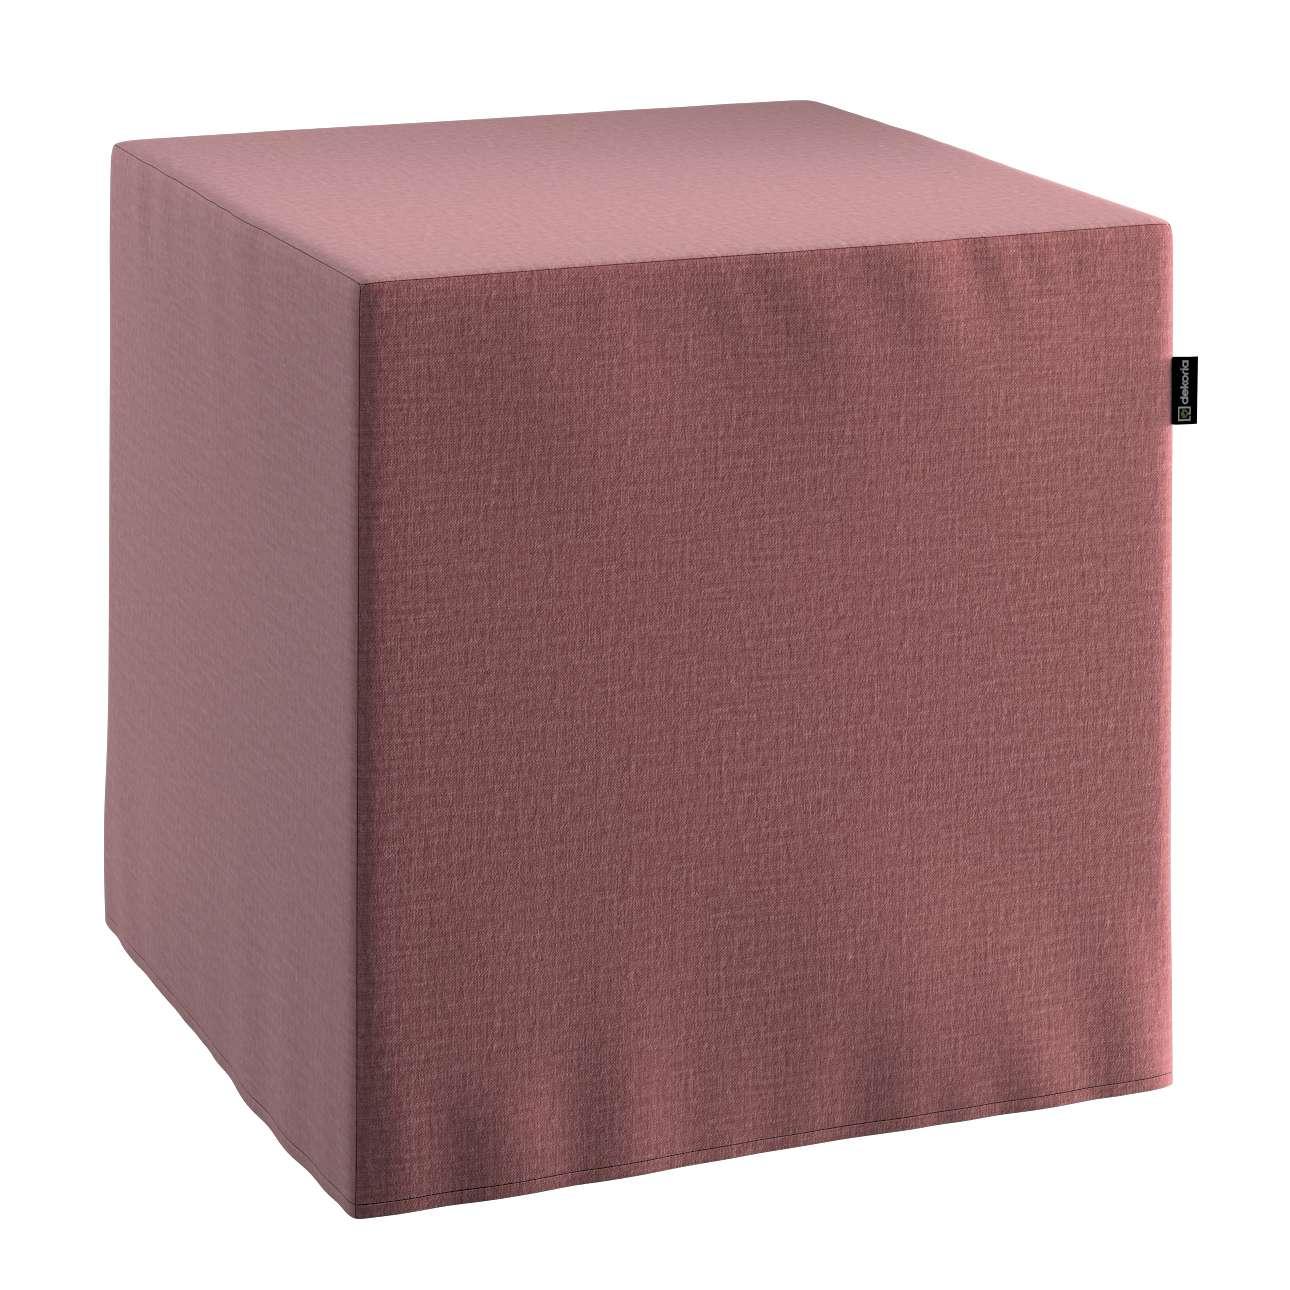 Pokrowiec na pufę kostkę w kolekcji Ingrid, tkanina: 705-38